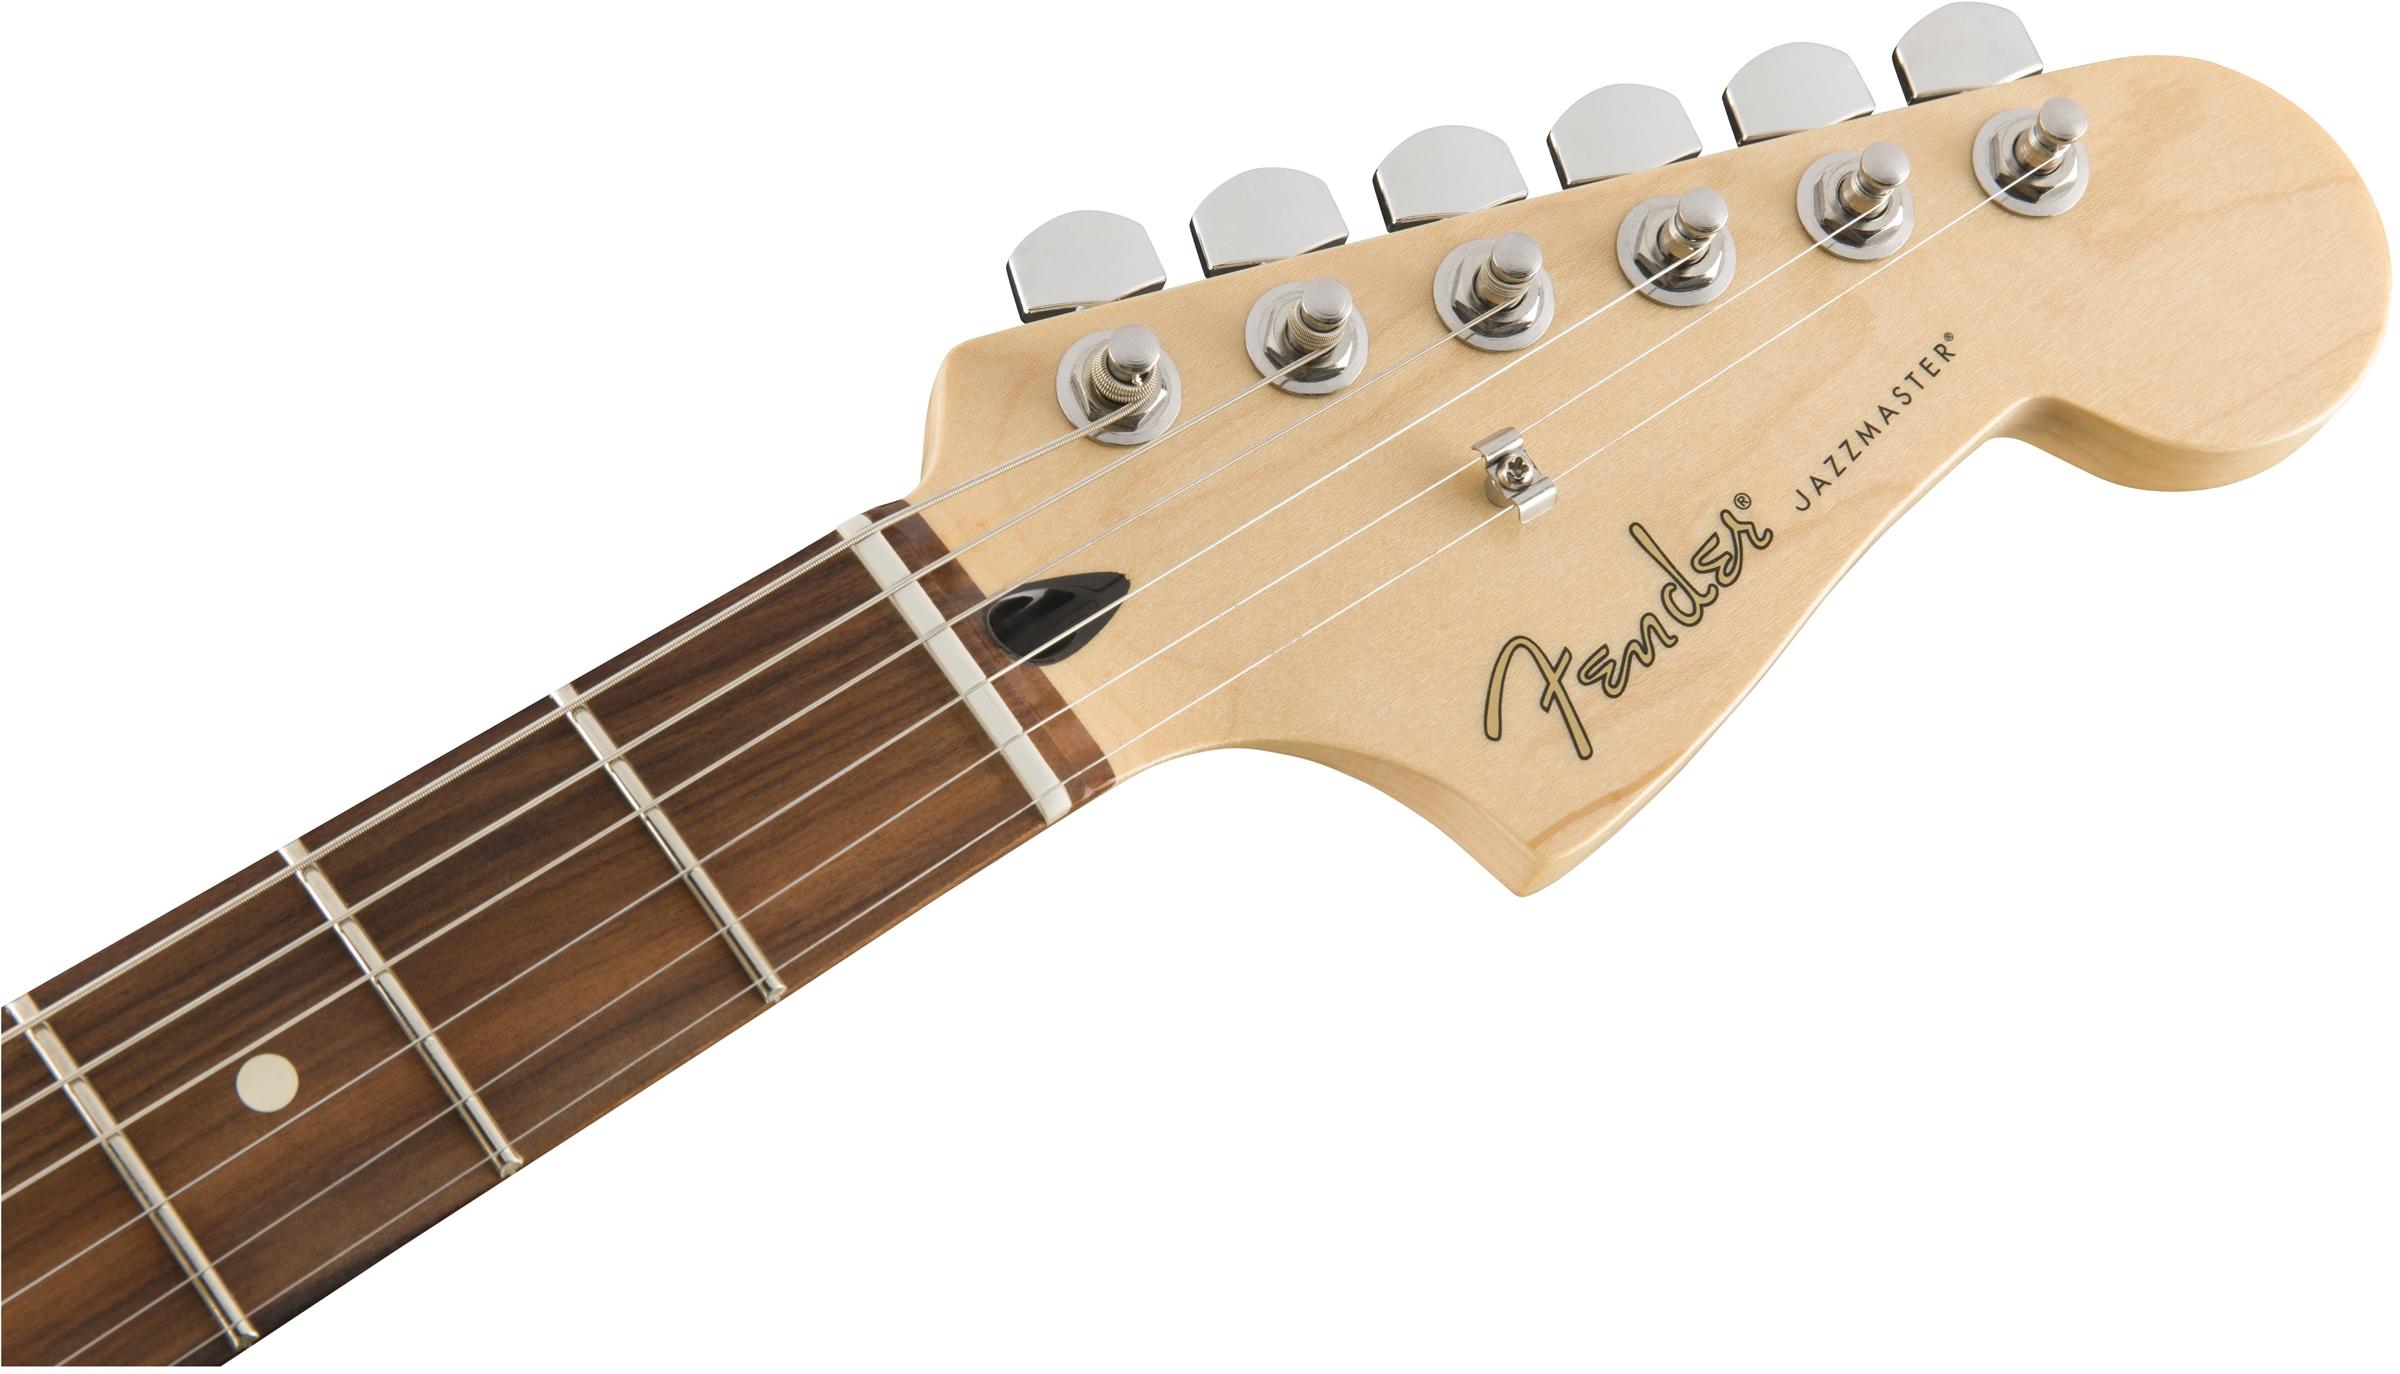 Starcaster By Fender Wiring Diagram Best Secret Jazzmaster Schematic Guitar Yamaha Bass S1 Switch